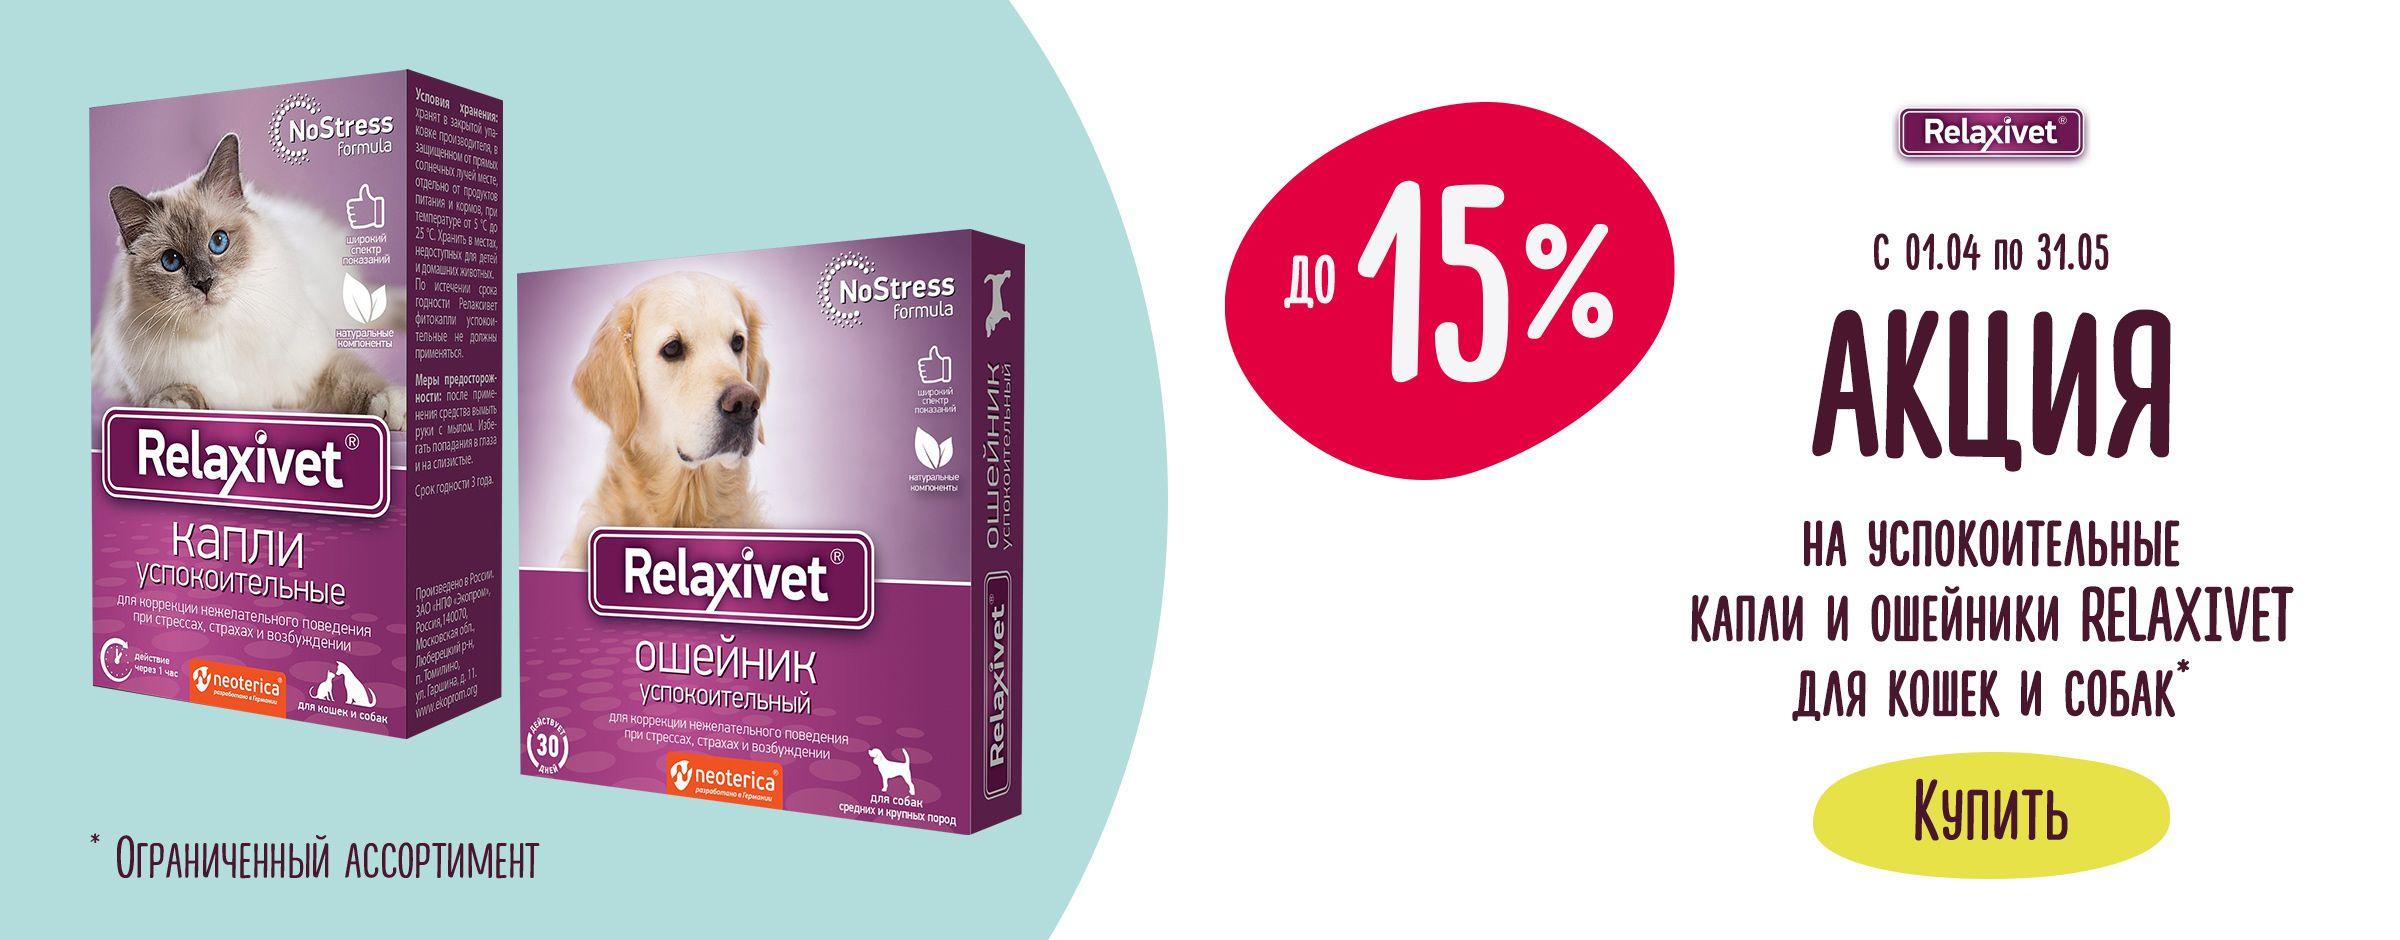 Скидки до 15% на успокоительные капли и ошейники Relaxivet для кошек и собак